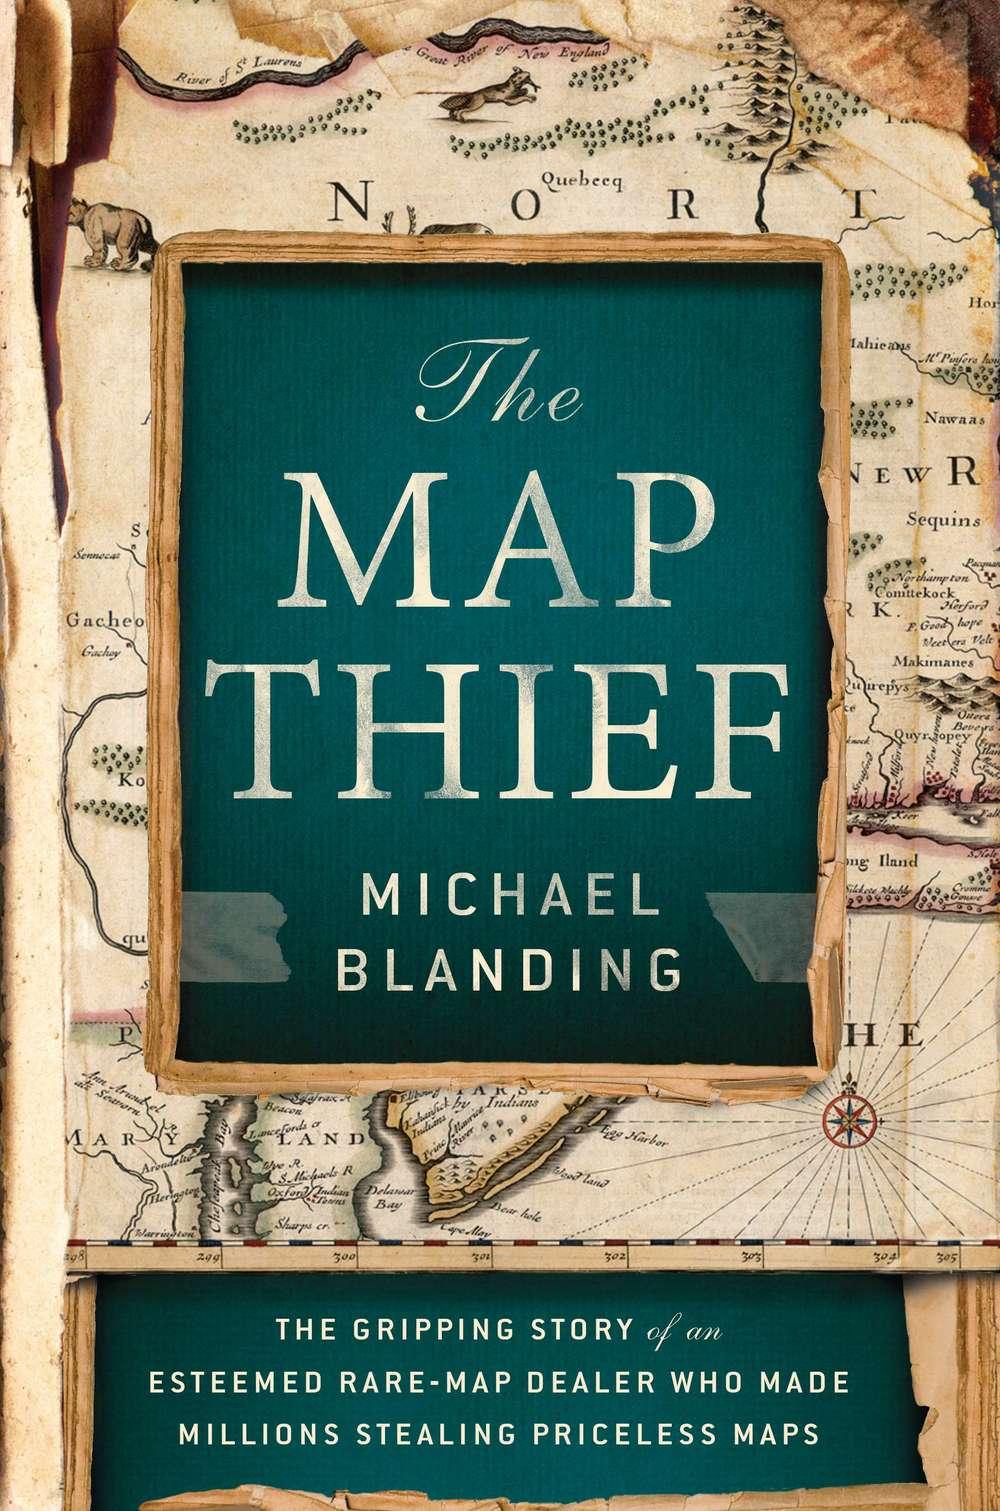 9781592408177_The_Map_Thief.jpg